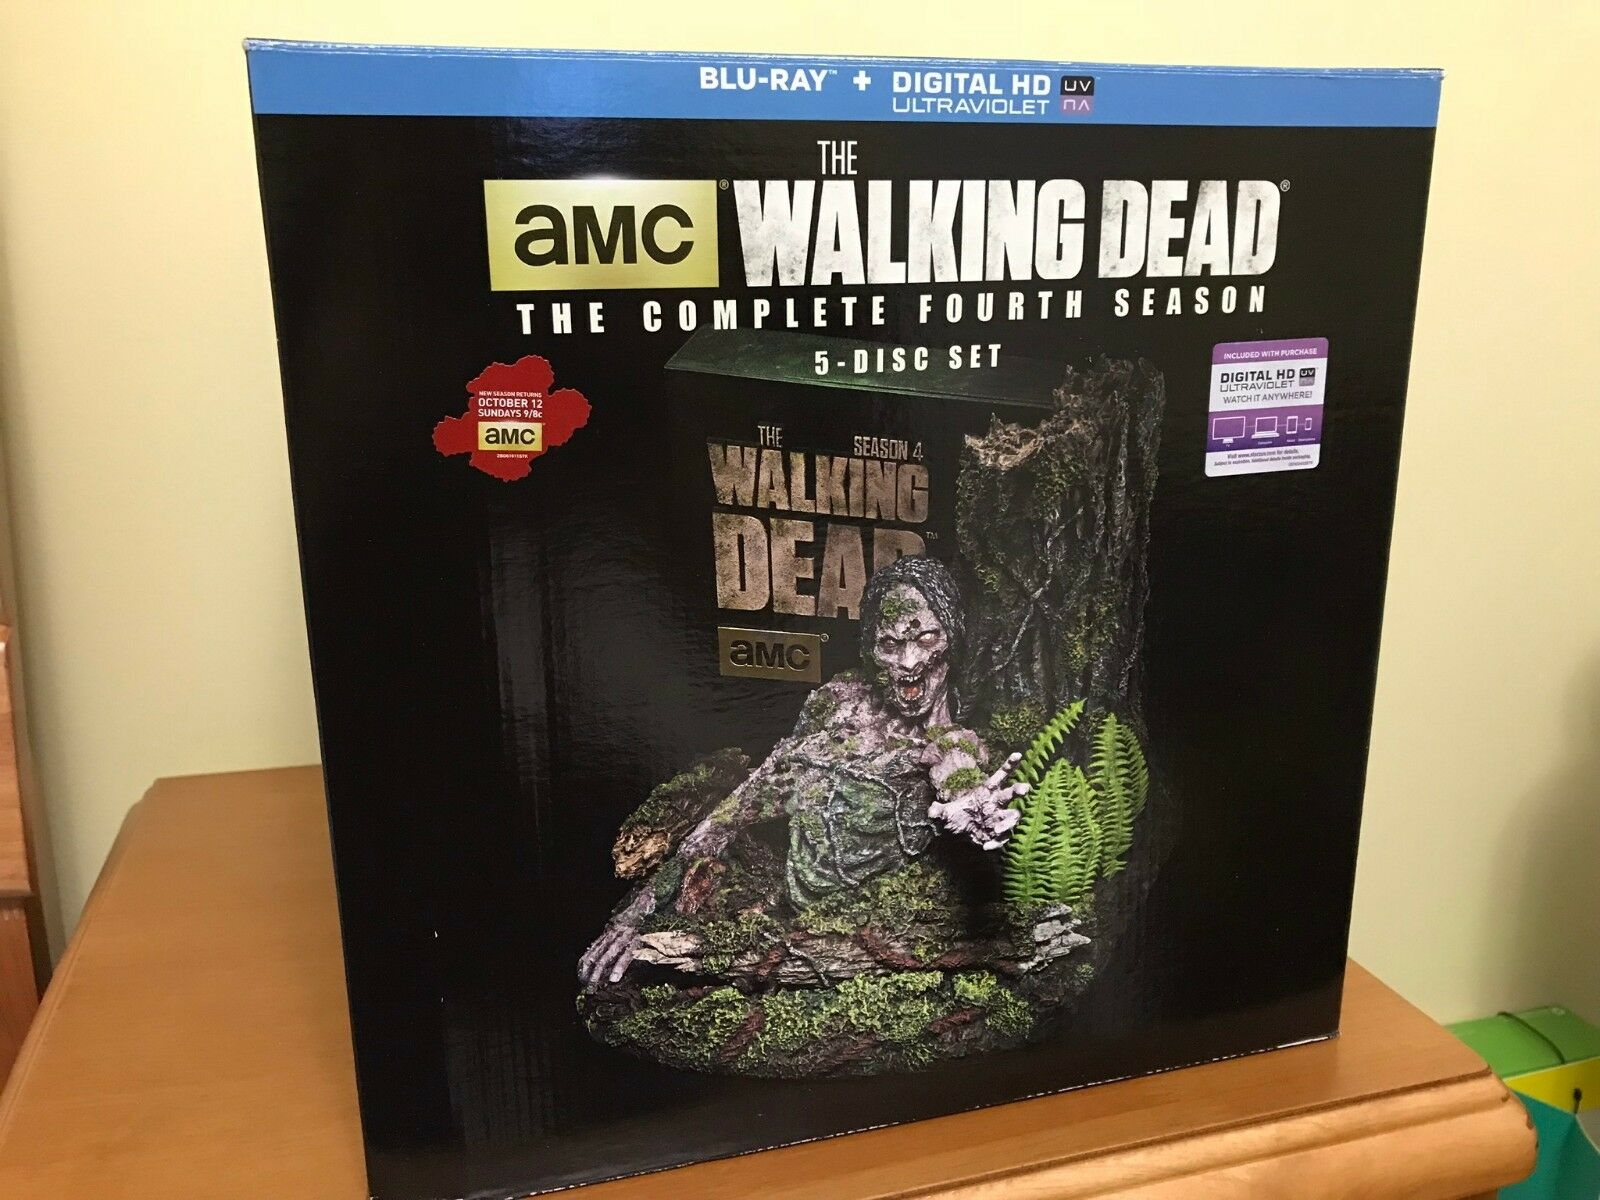 The Walking Dead Complete Season 4 Limited Edition Tree Walker